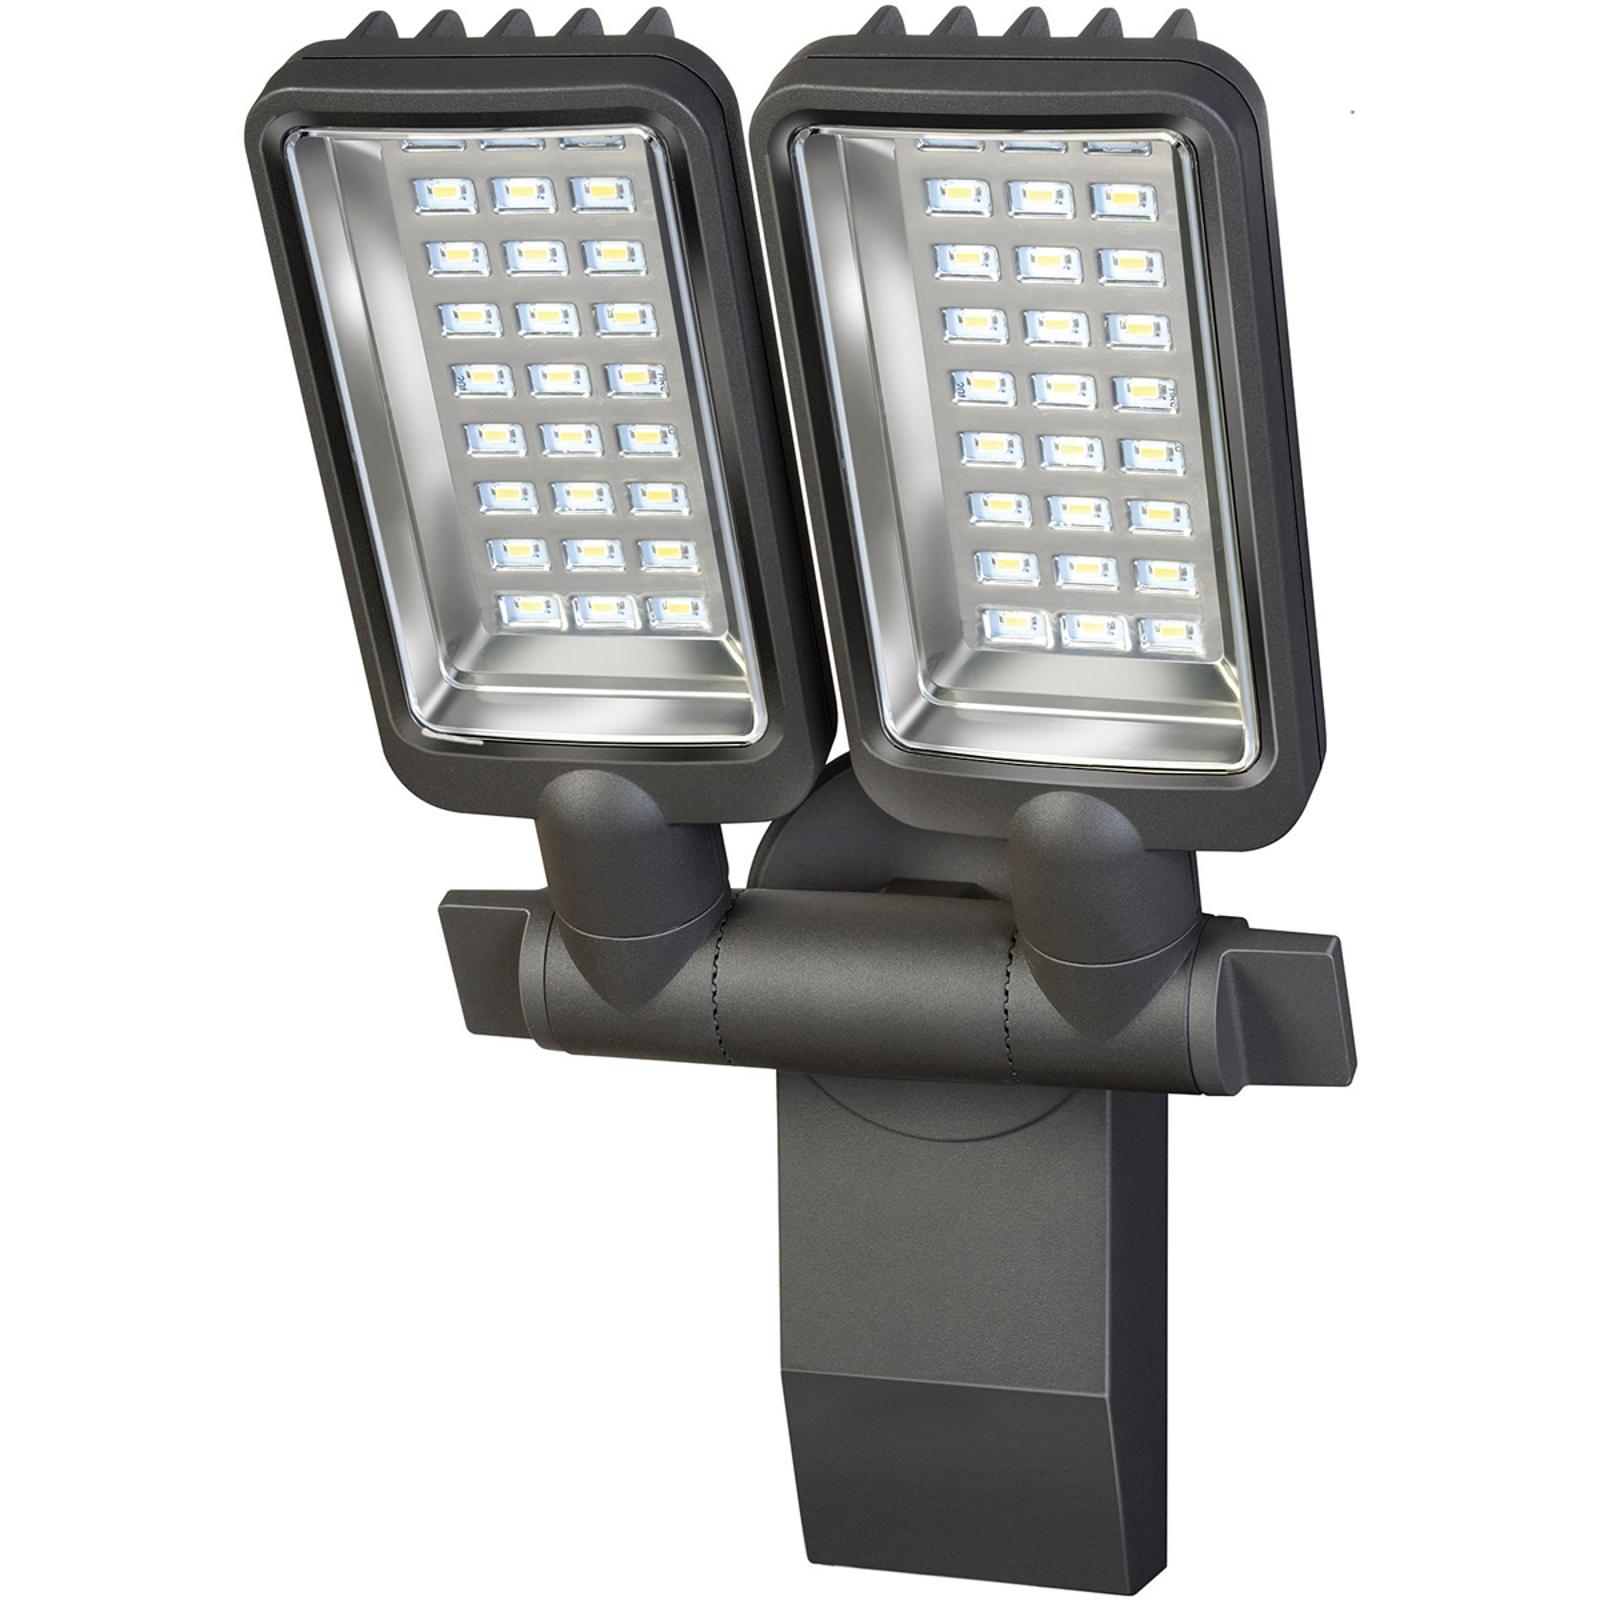 Brennenstuhl City proiettore LED da esterni 2 luci